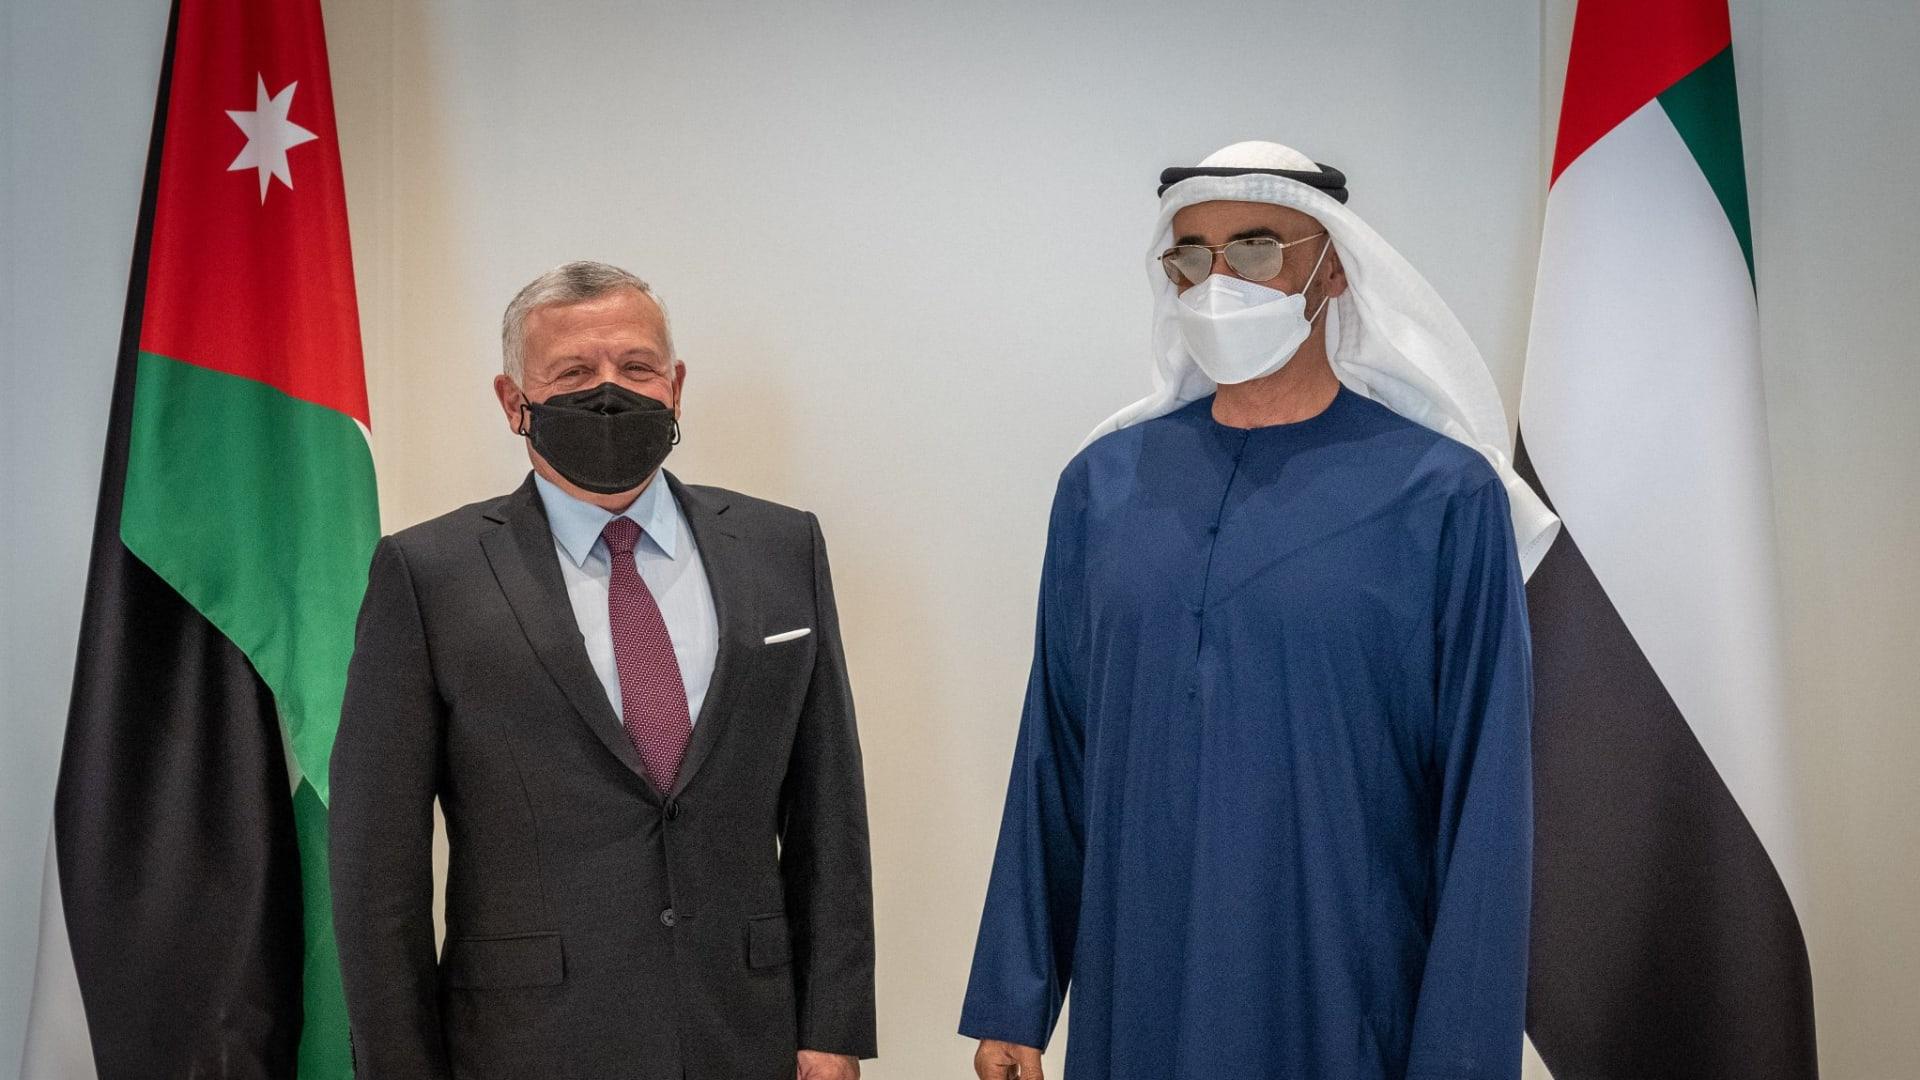 العاهل الأردني يزور الإمارات.. وولي عهد أبوظبي يؤكد عمق العلاقات بين البلدين